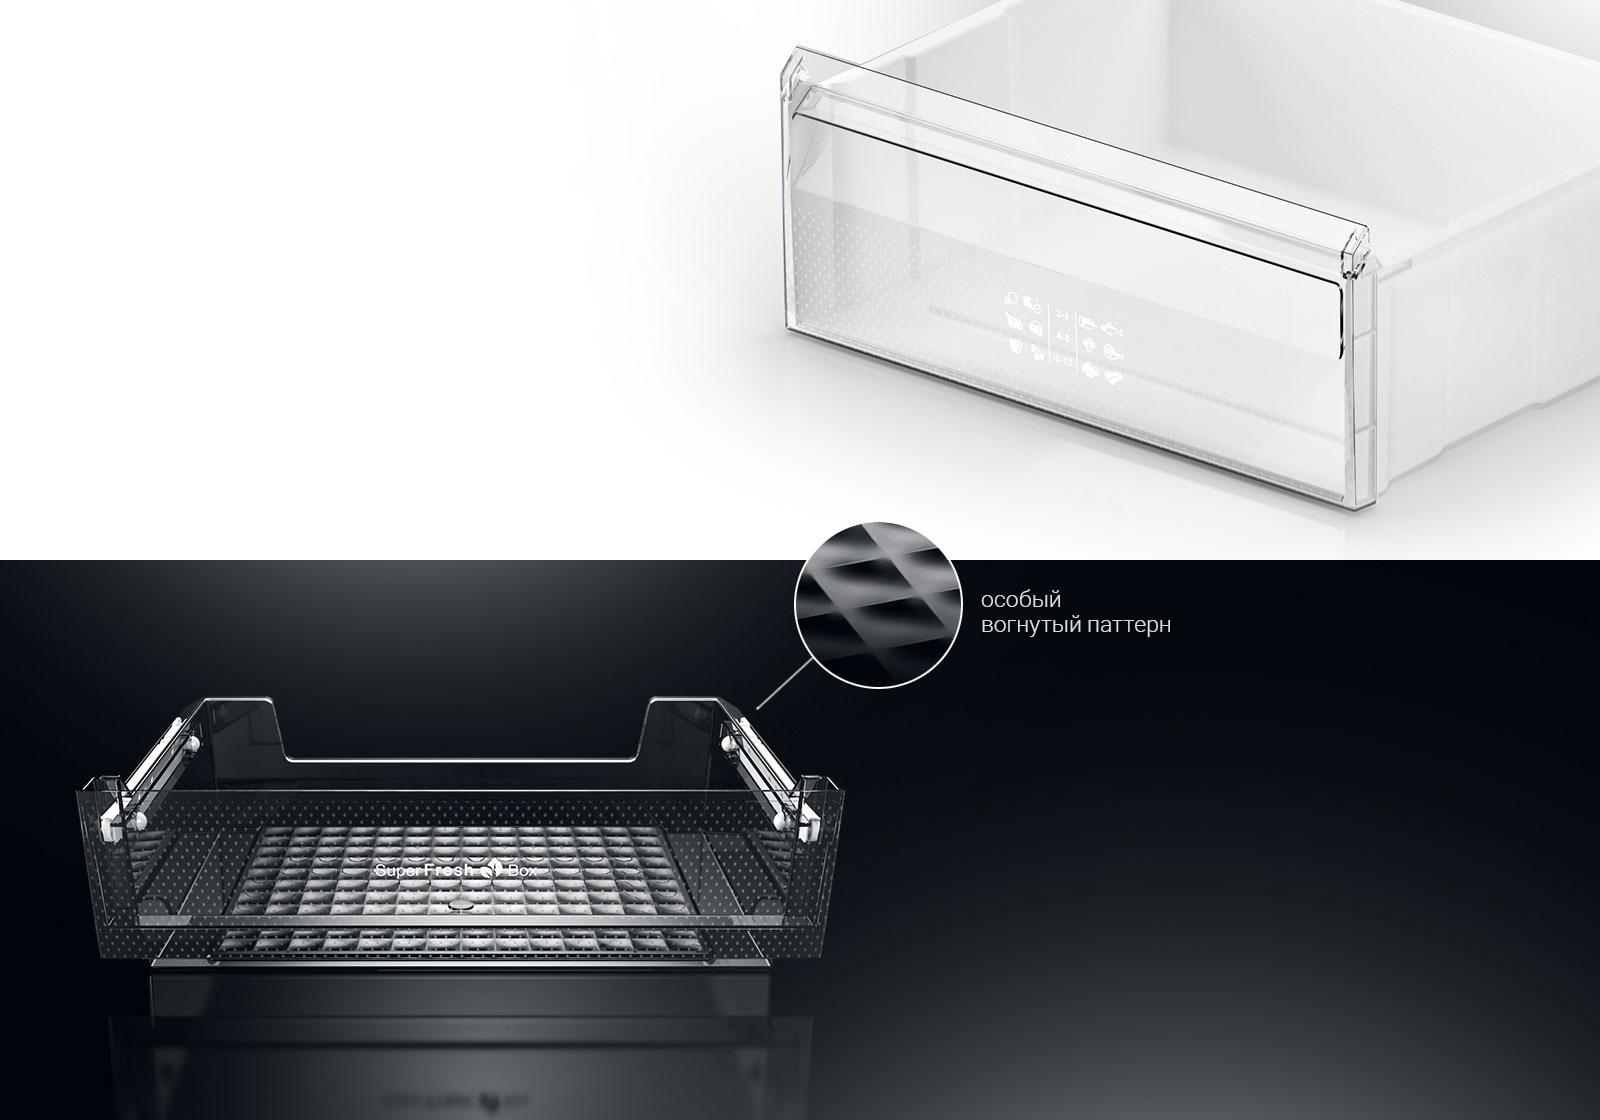 Корзины морозильной камеры